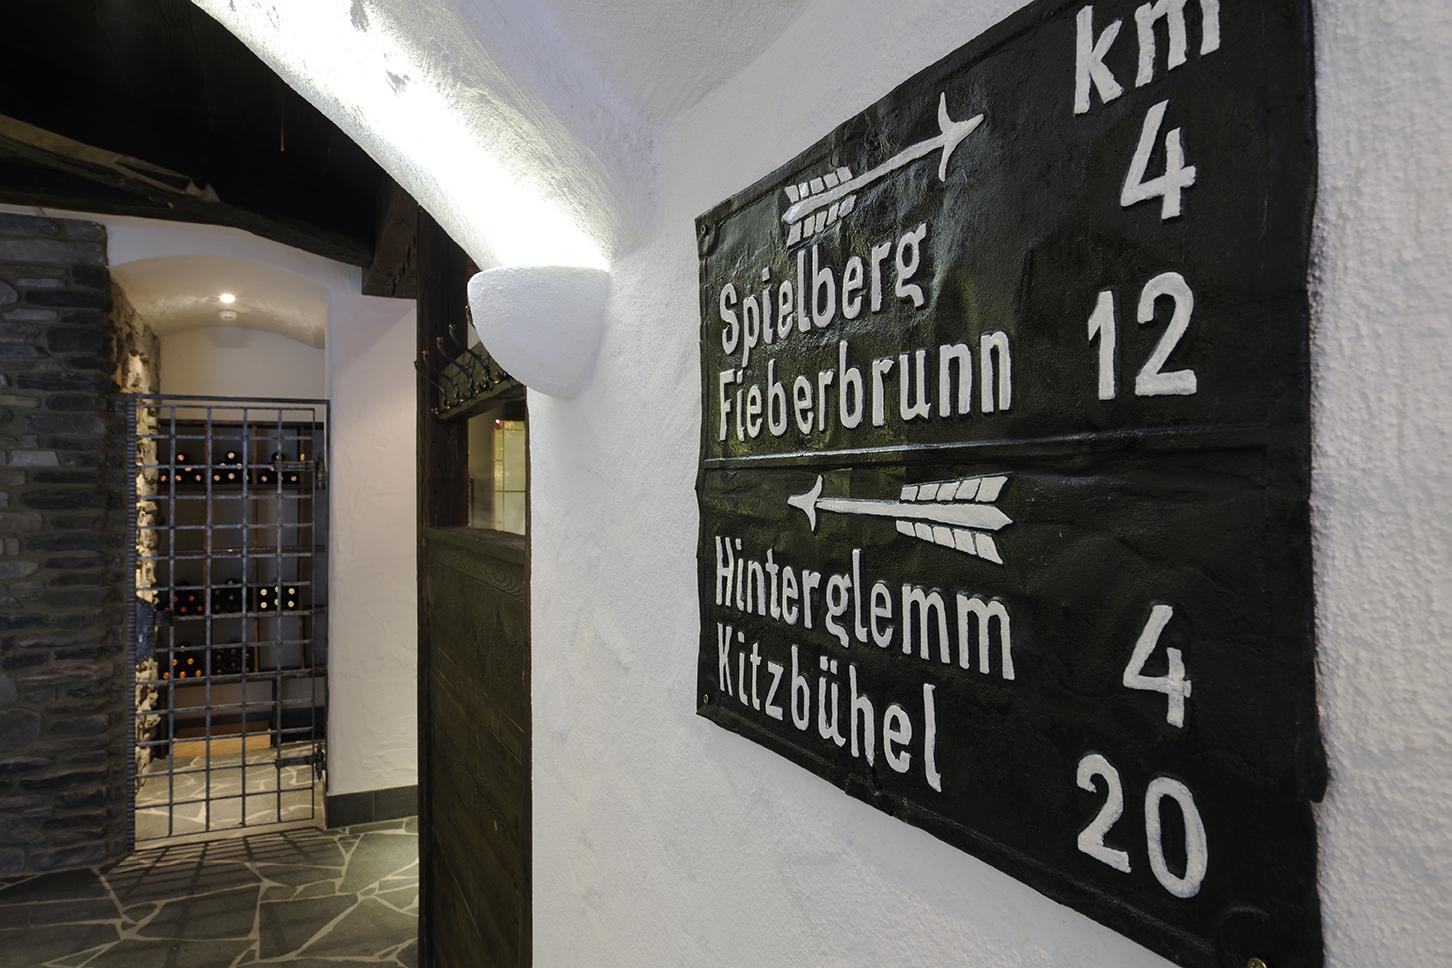 Das Foto ist ausschlie§lich fŸr PR- und Marketingma§nahmen des Hotel SAALBACHERHOF - SAALBACH - …STERREICH zu verwenden. Jegliche Nutzung Dritter muss mit dem Bildautor GŸnter Standl (www.guenterstandl.de) - (Tel.: 00491714327116) gesondert vereinbart werden.